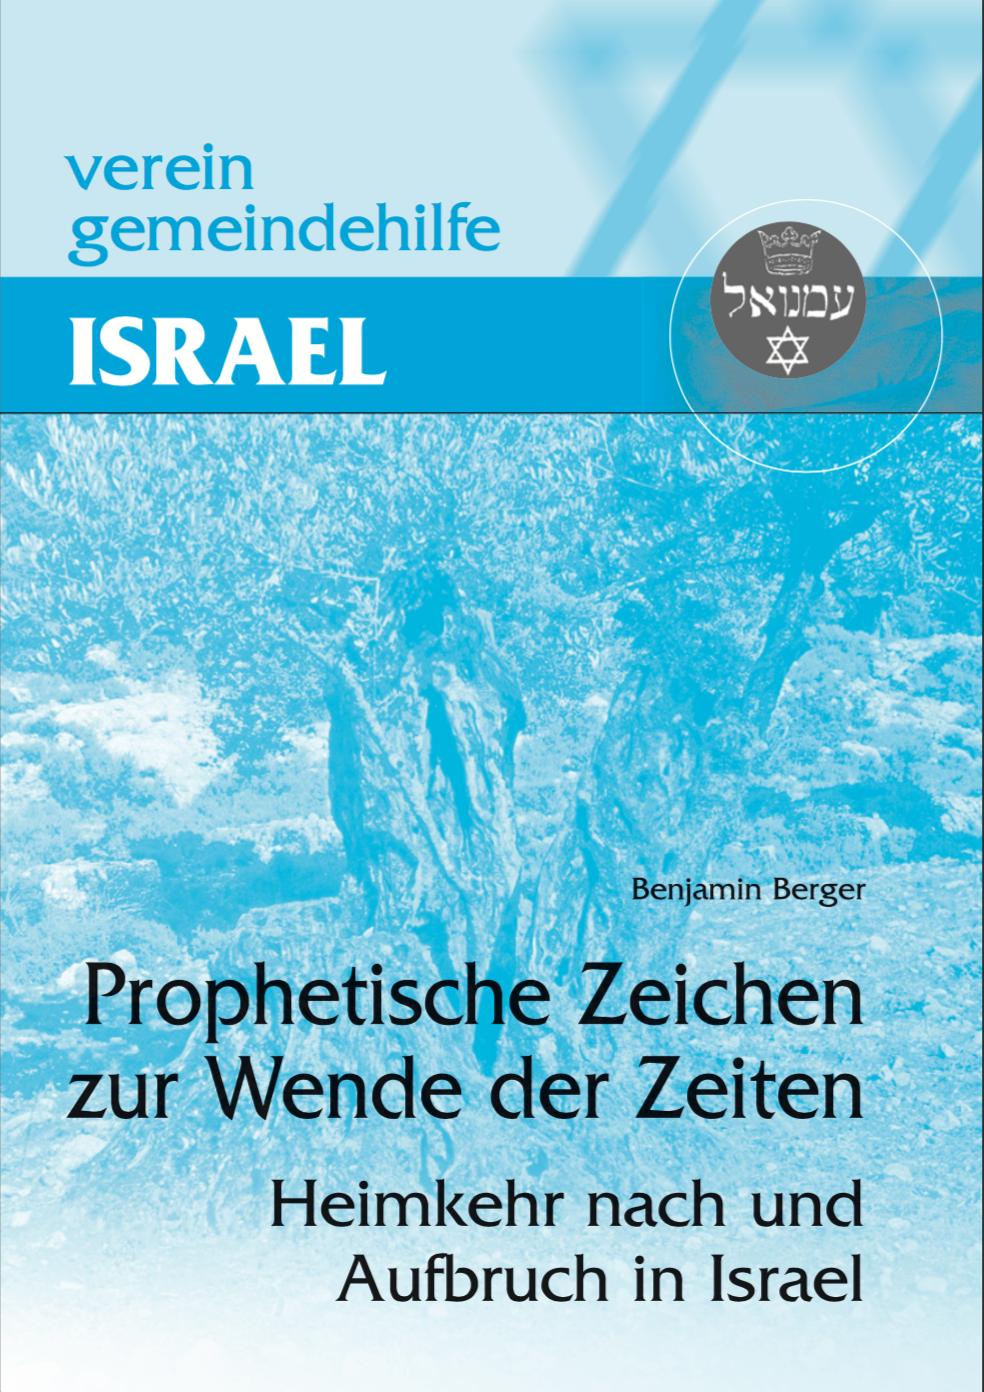 Benjamin-Berger-Prophetische-Zeichen-zur-Wende-der-Zeiten